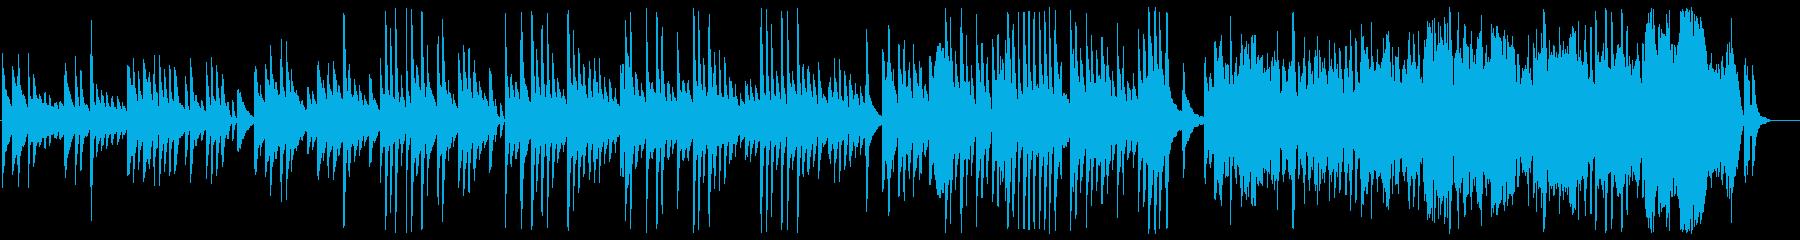 美しく優しいピアノサウンドの再生済みの波形